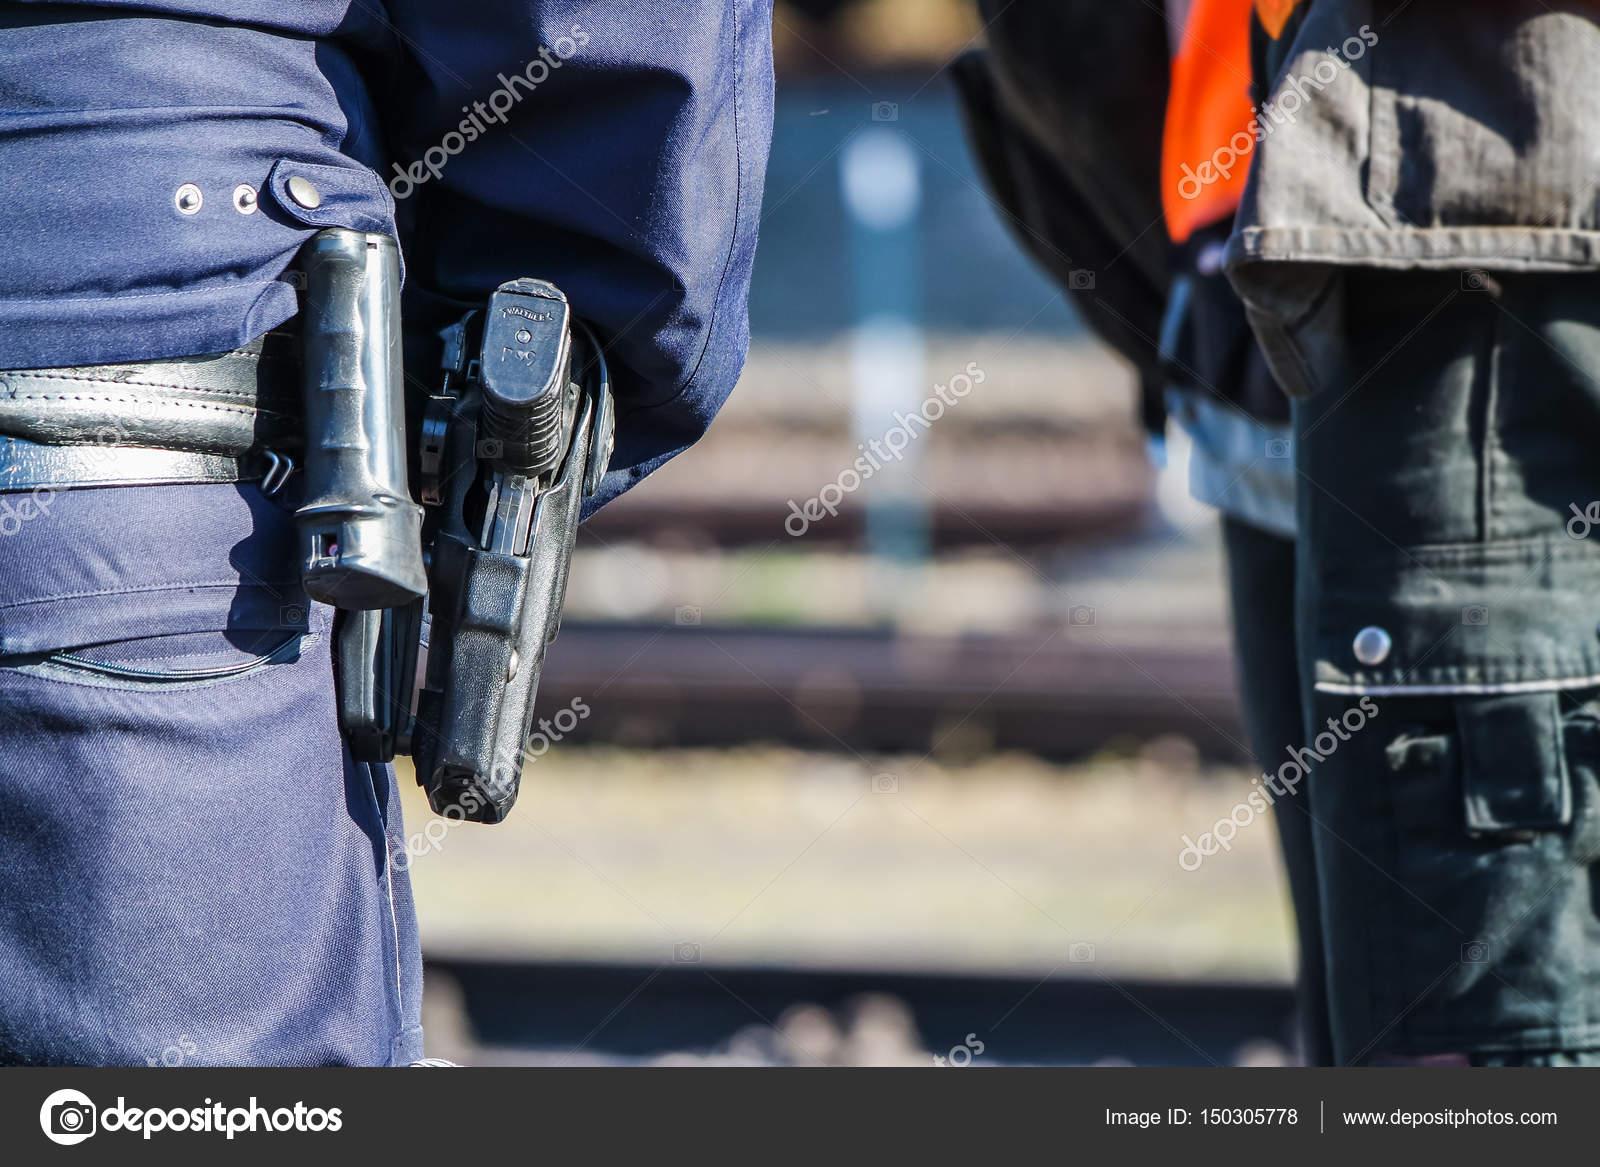 Foto: pistola polisi | Policia alemana con pistola — Foto de